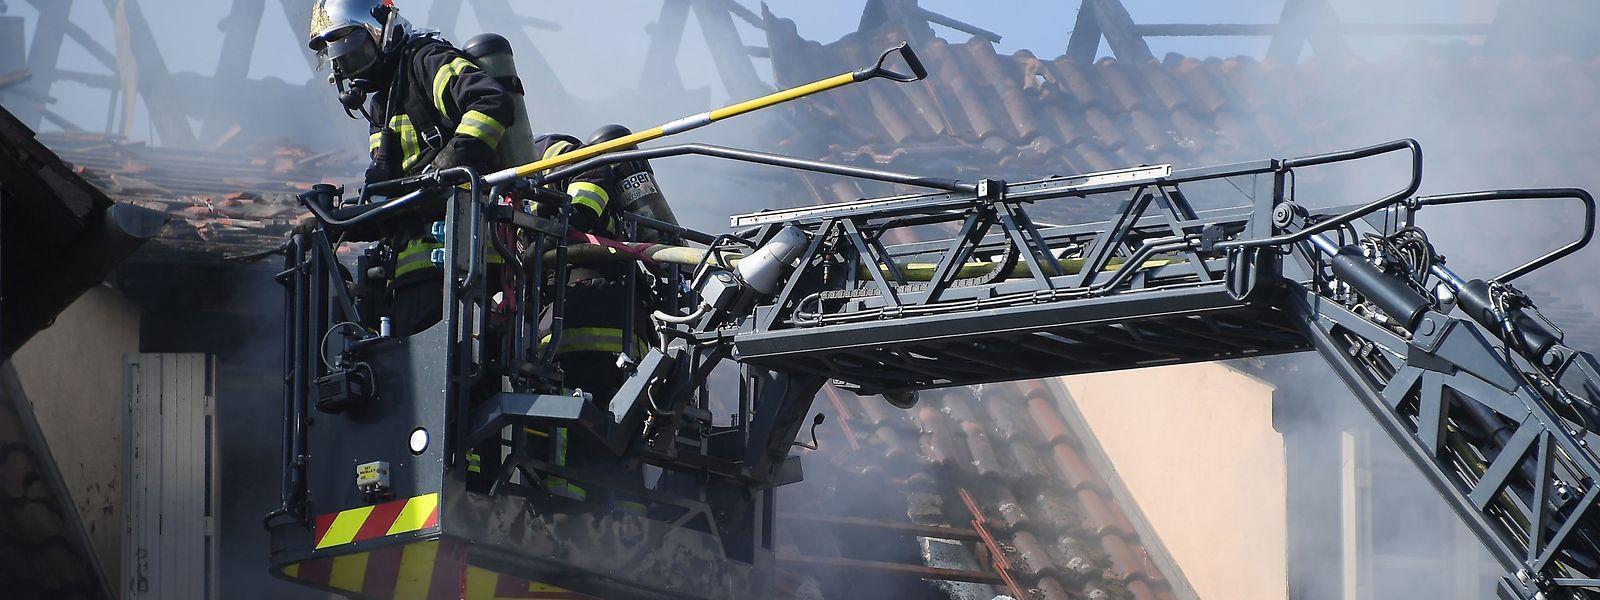 Feuerwehrkräfte im Löscheinsatz: Der Brand in dem Gebäudekomplex nördlich von Straßburg wurde offenbar gelegt.